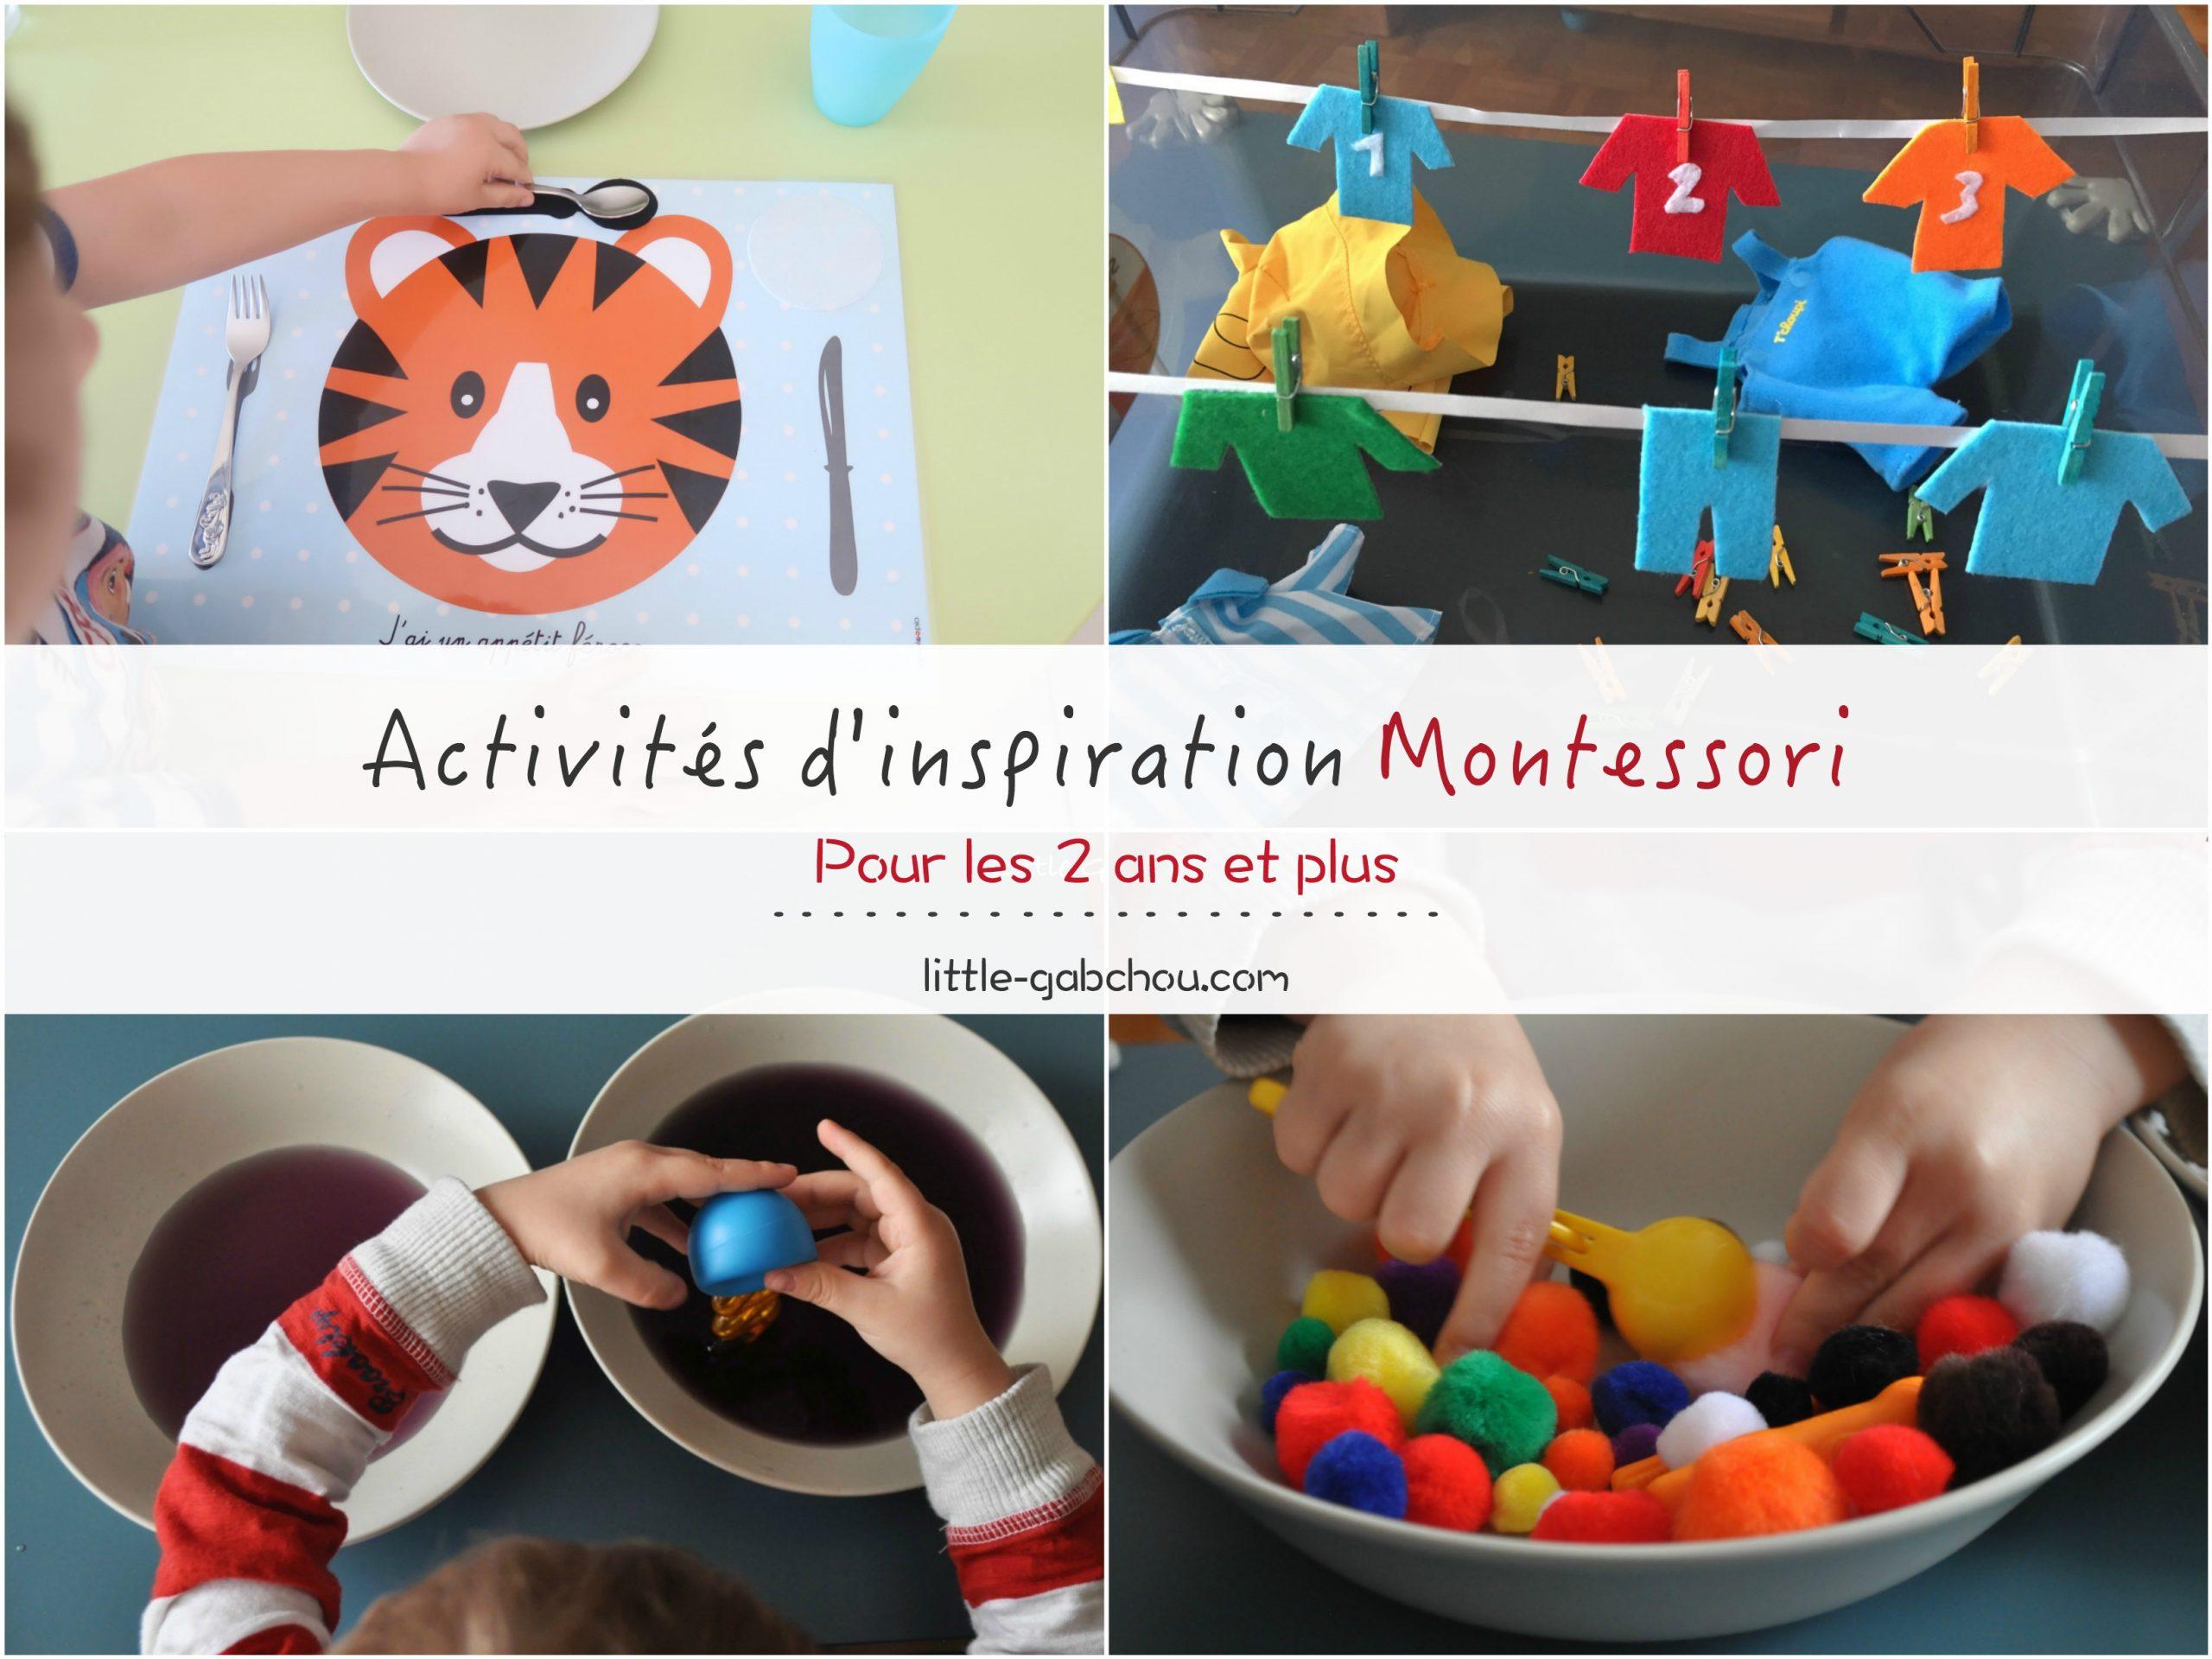 Nos Activités Préférées D'inspiration Montessori Pour Les 2 avec Jeux Educatif 2 Ans Gratuit